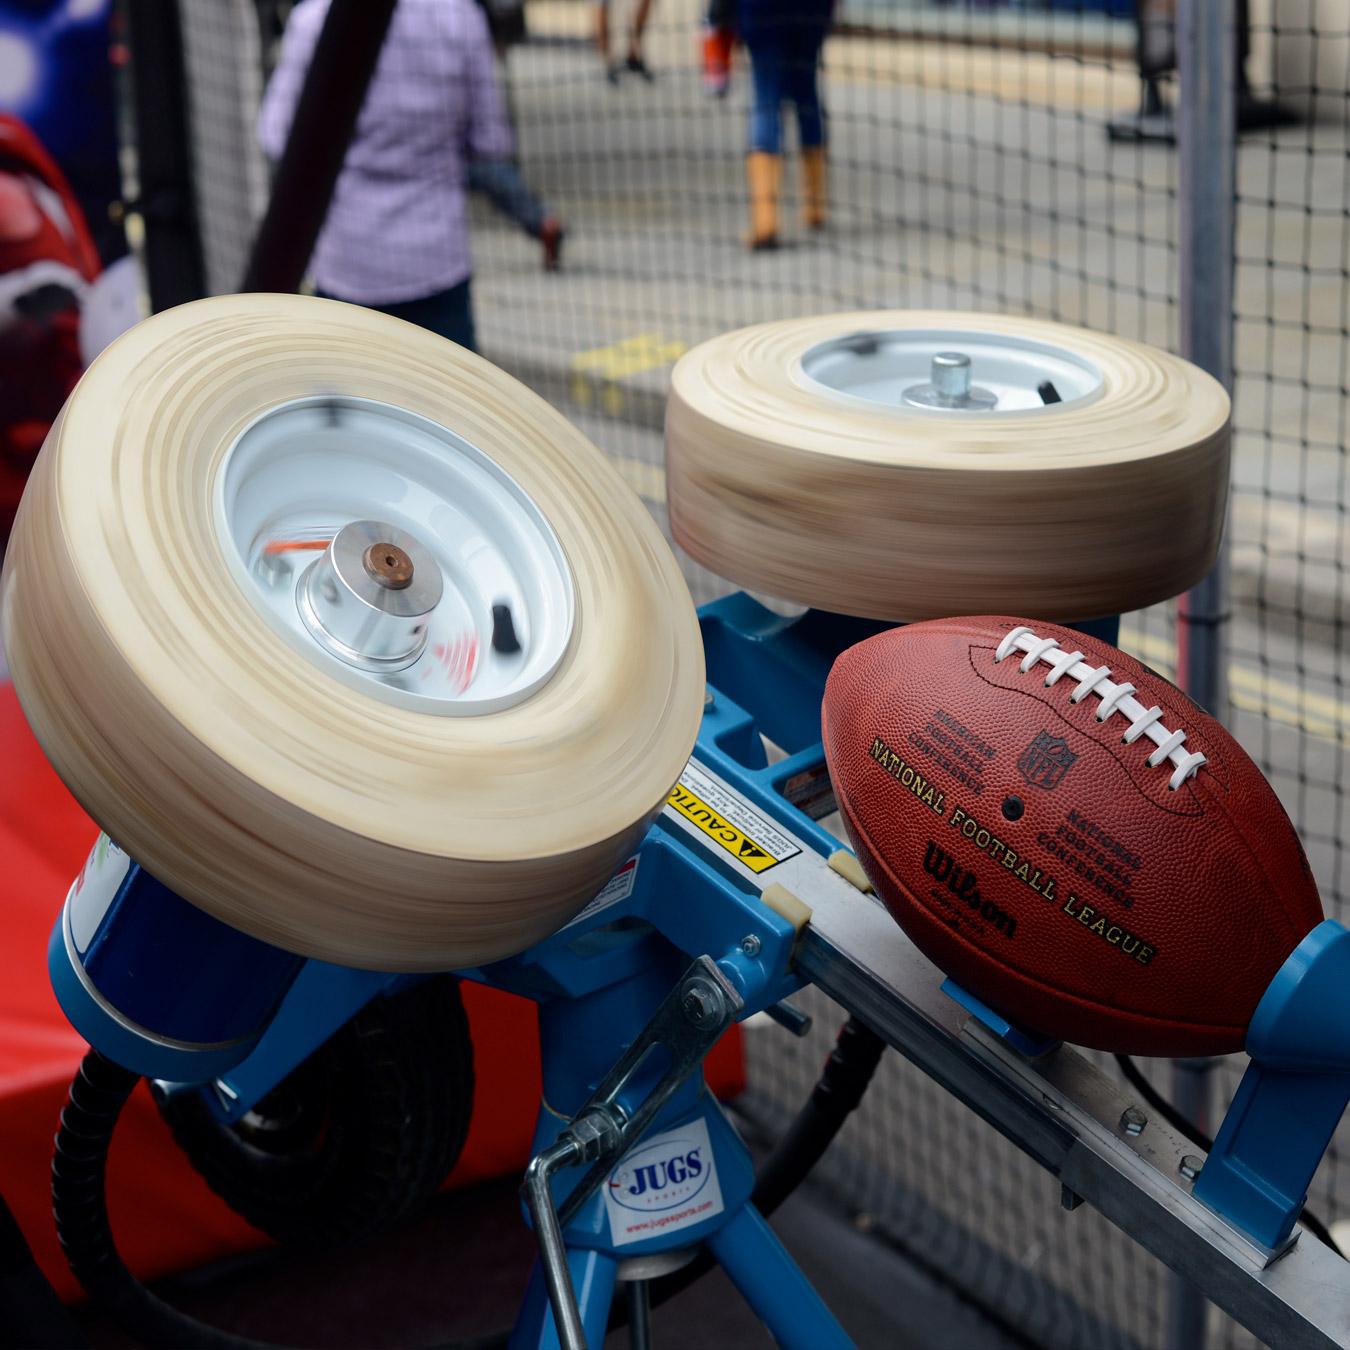 Pepsi-NFL-square-image-03